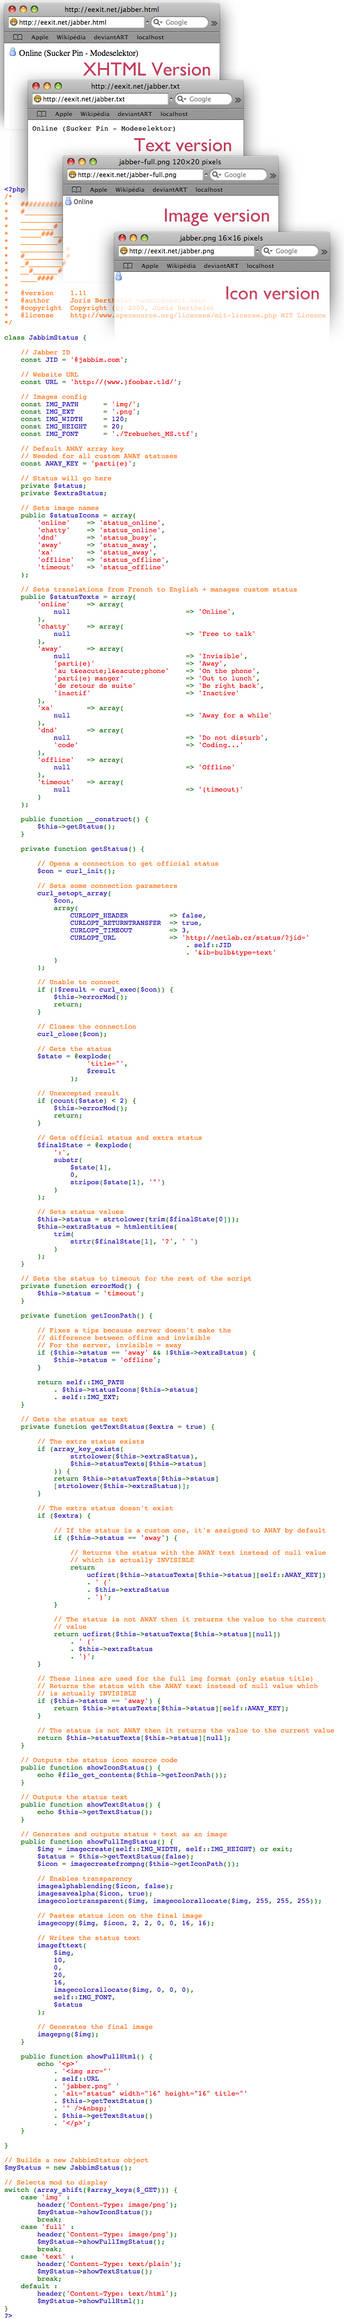 JabbimStatus 1.11